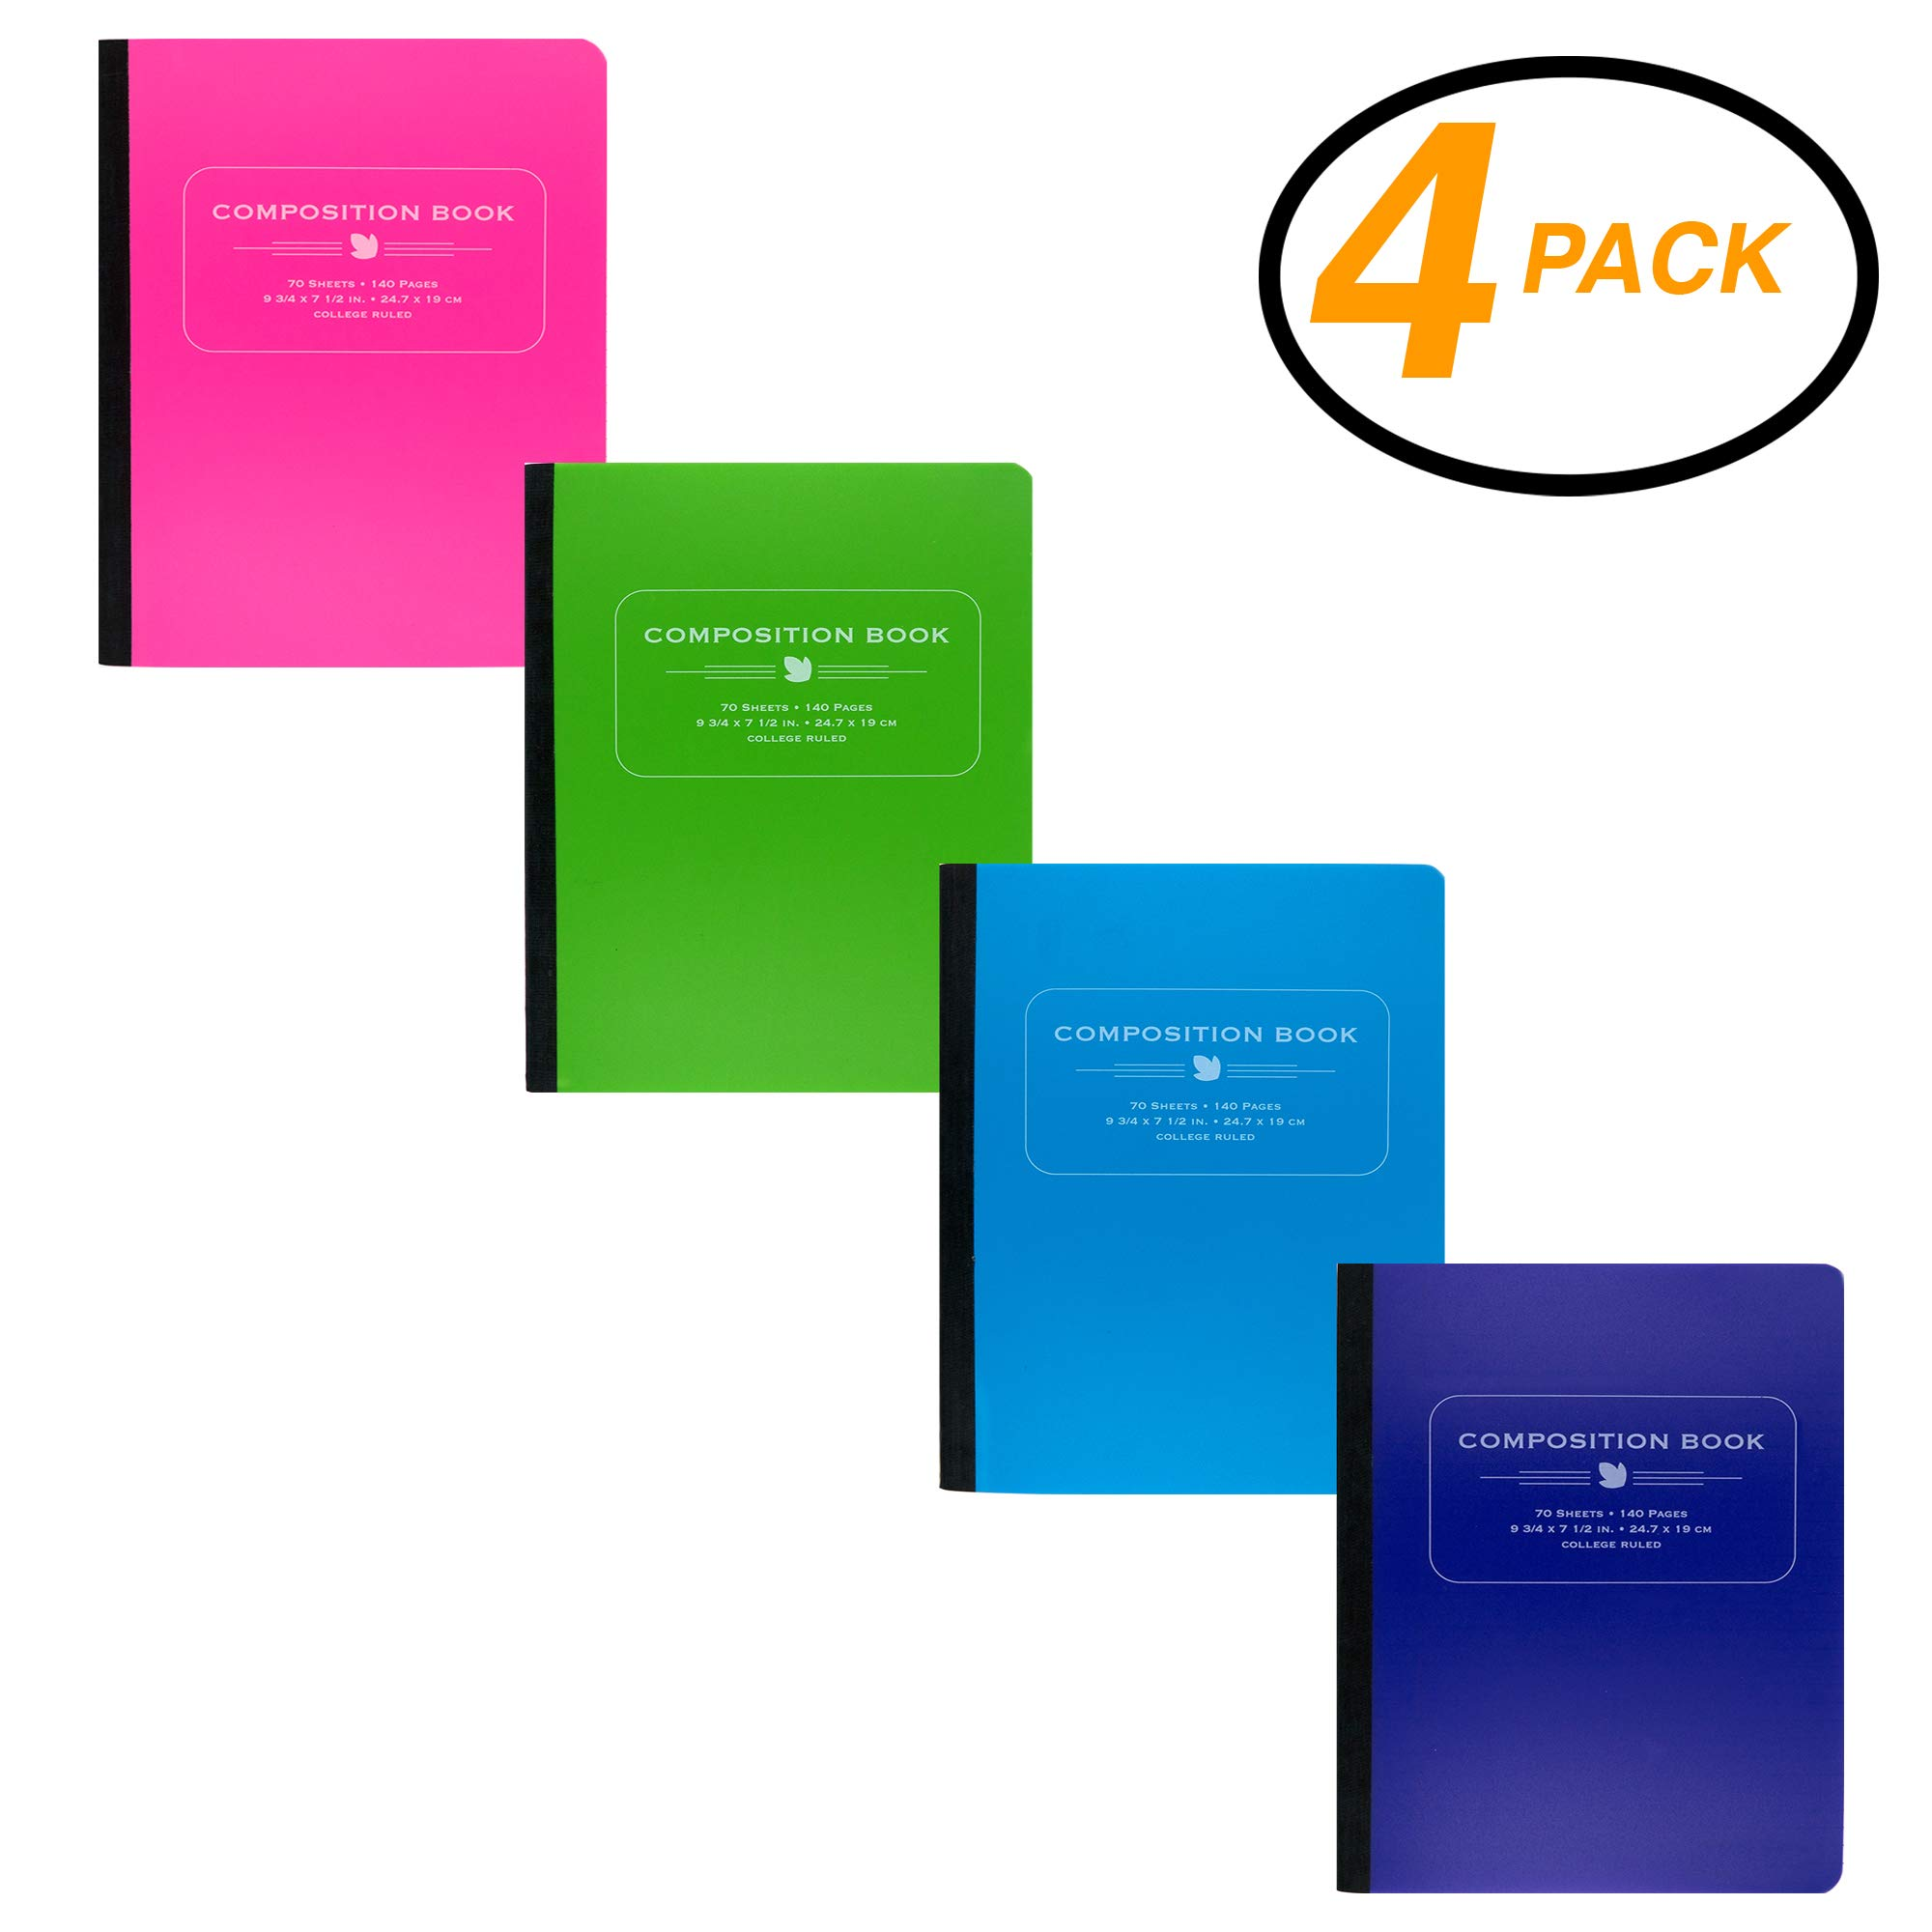 EmRaw - Cubierta de polietileno con rayas anchas, 70 hojas, para oficina, dibujo, cuaderno de notas, libros, lomo liso, para reuniones, cuaderno de tapa dura, pack de 4 unidades: Amazon.es: Oficina y papelería